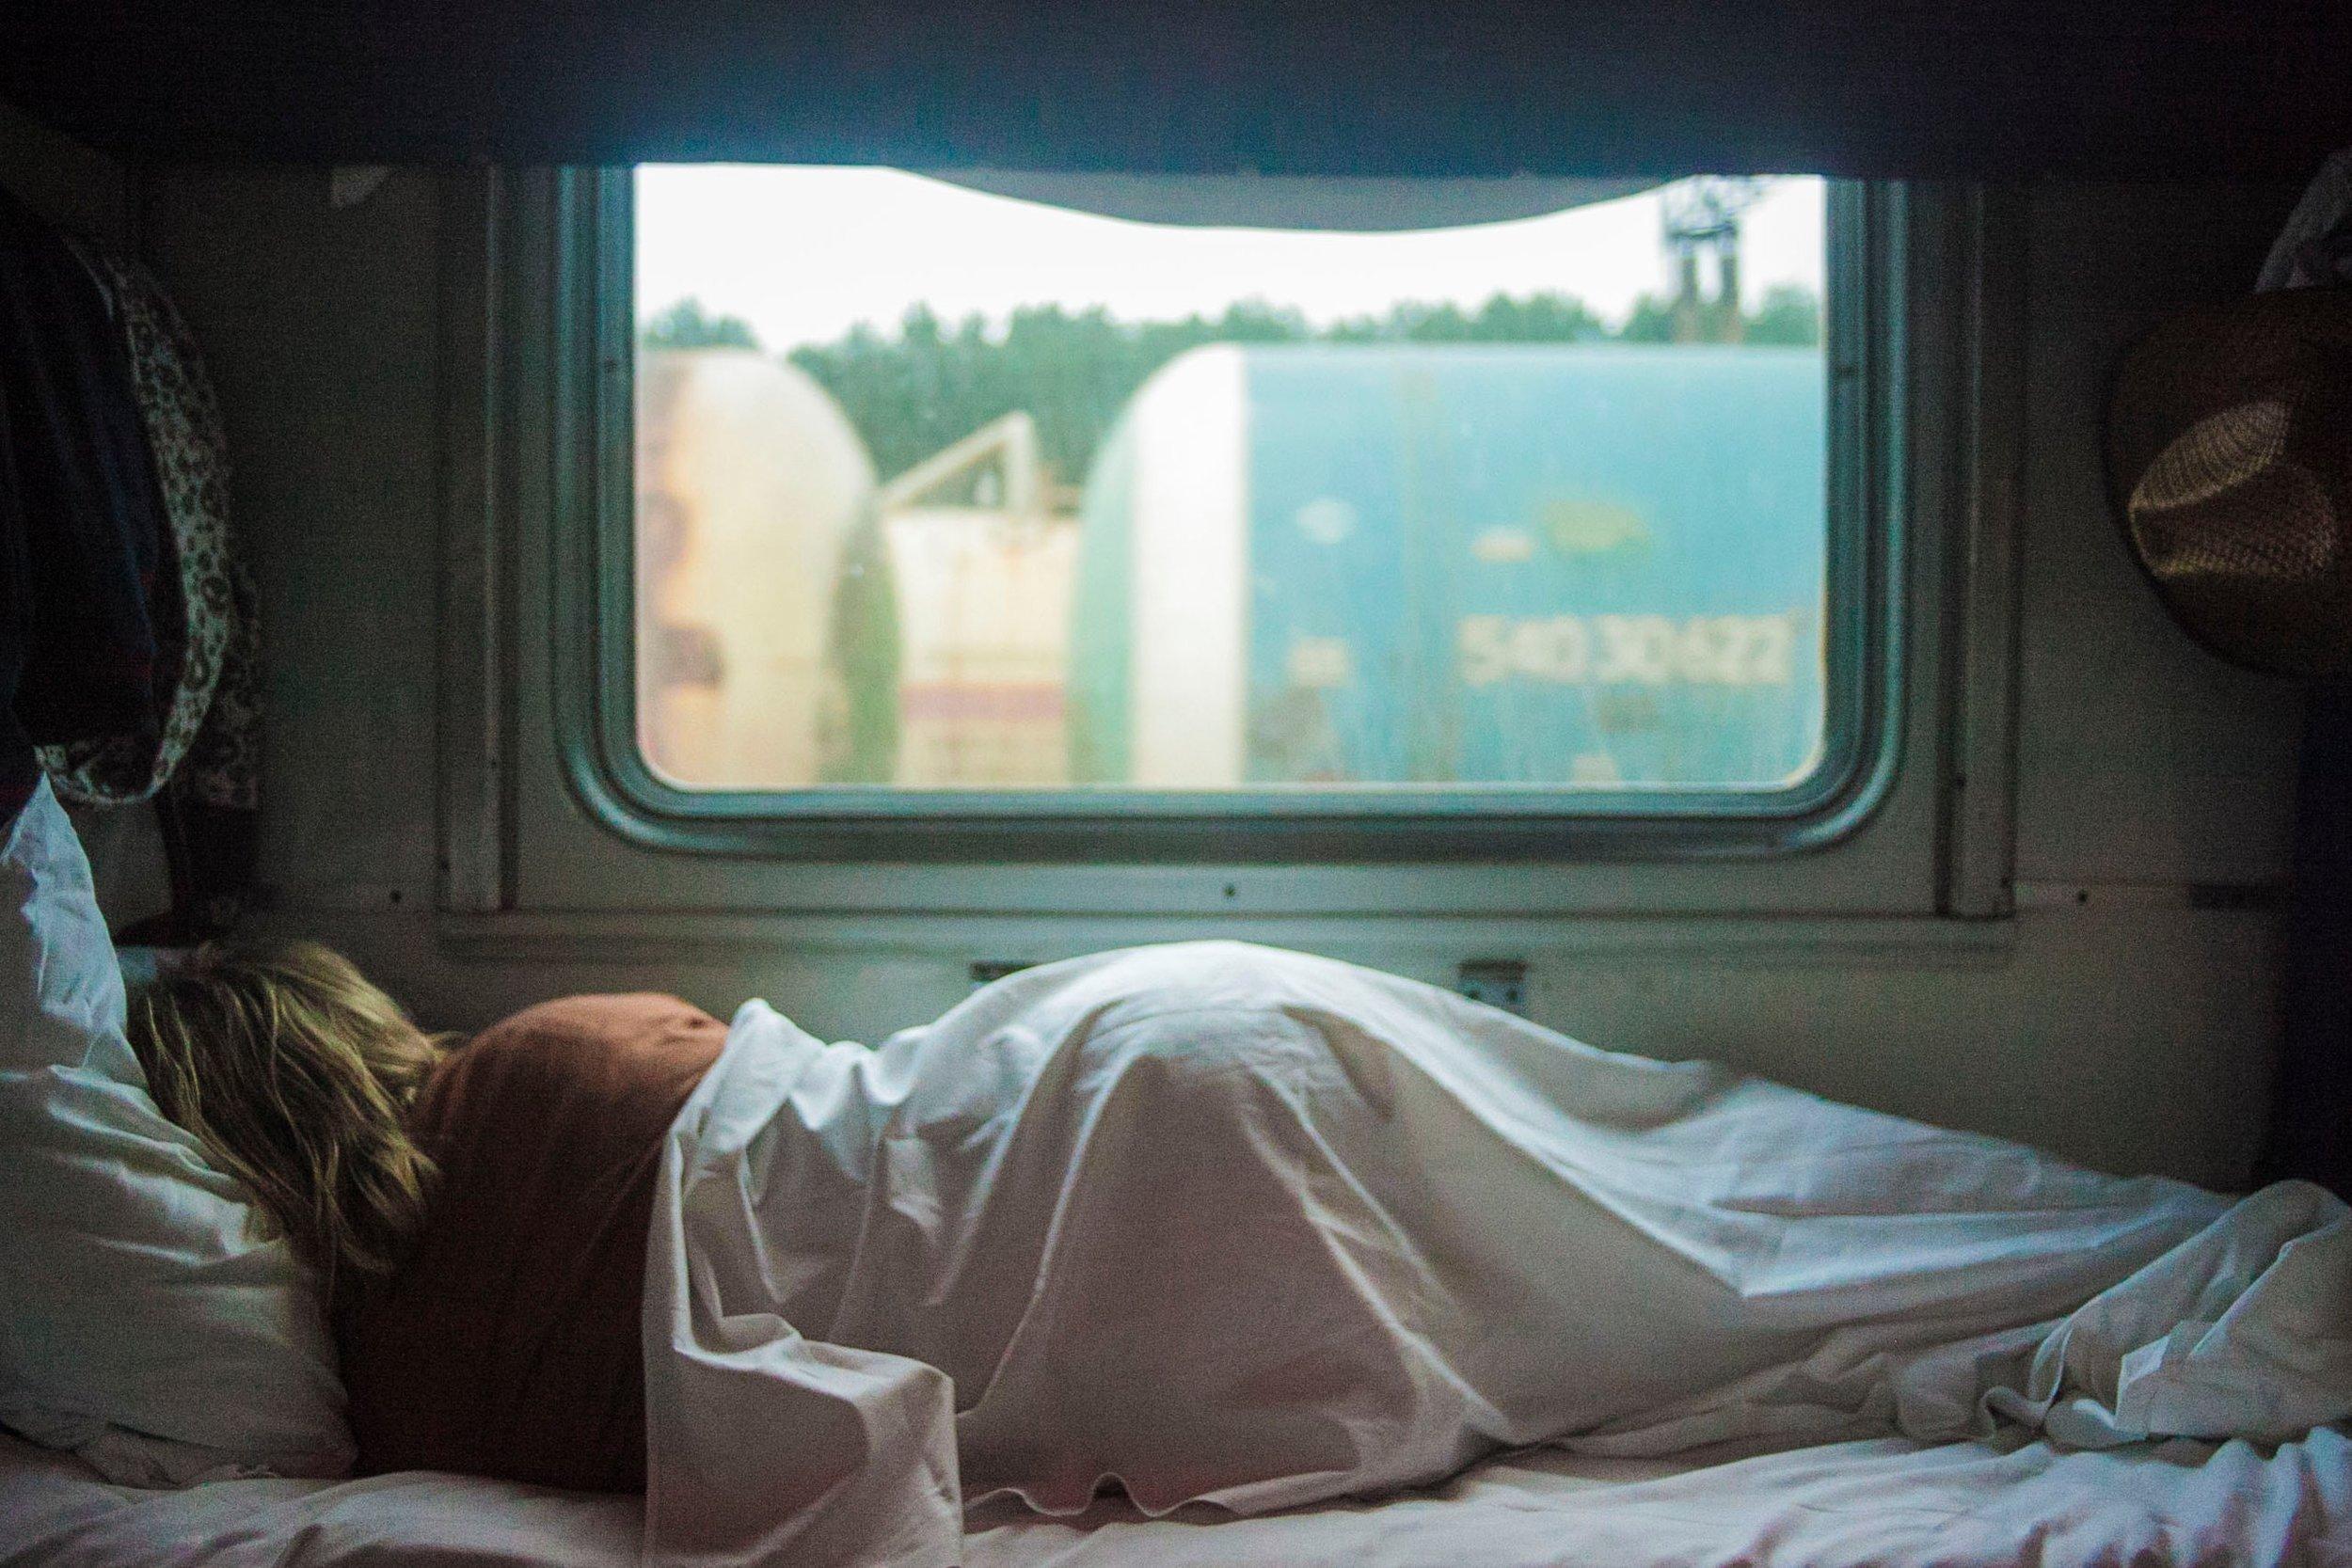 Photo by  Kalegin Michail  on  Unsplash